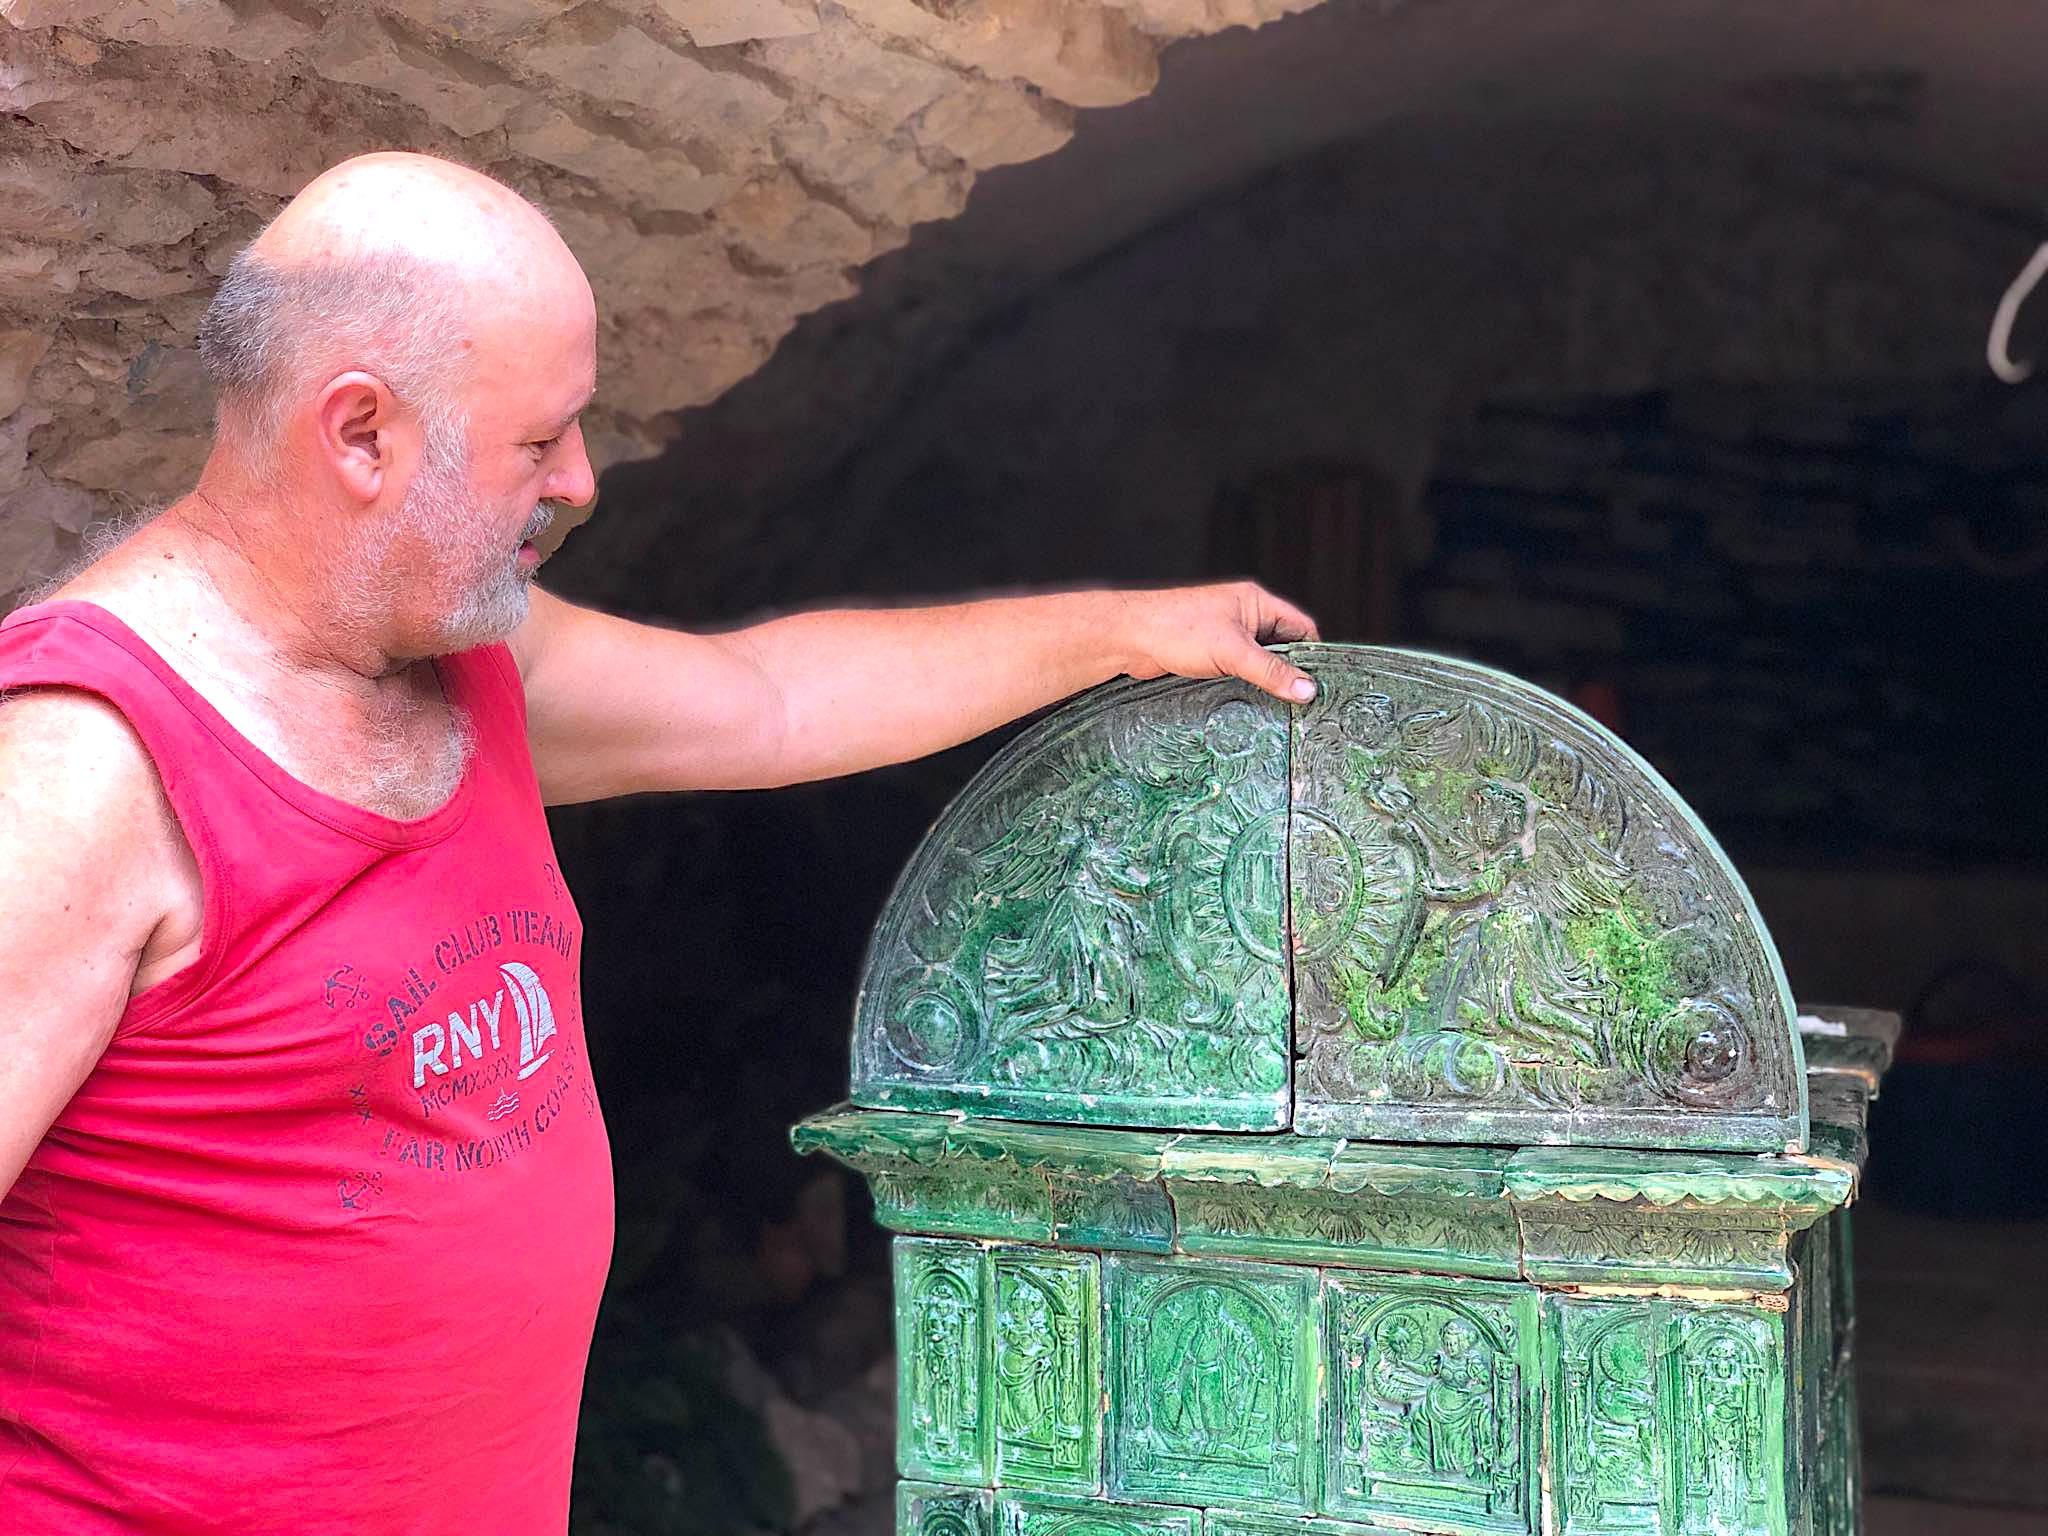 Laboratorio del maestro fornelaro Ferruccio Marinelli-il maestro e una stufa antica-Stufe a olle in Val di Non